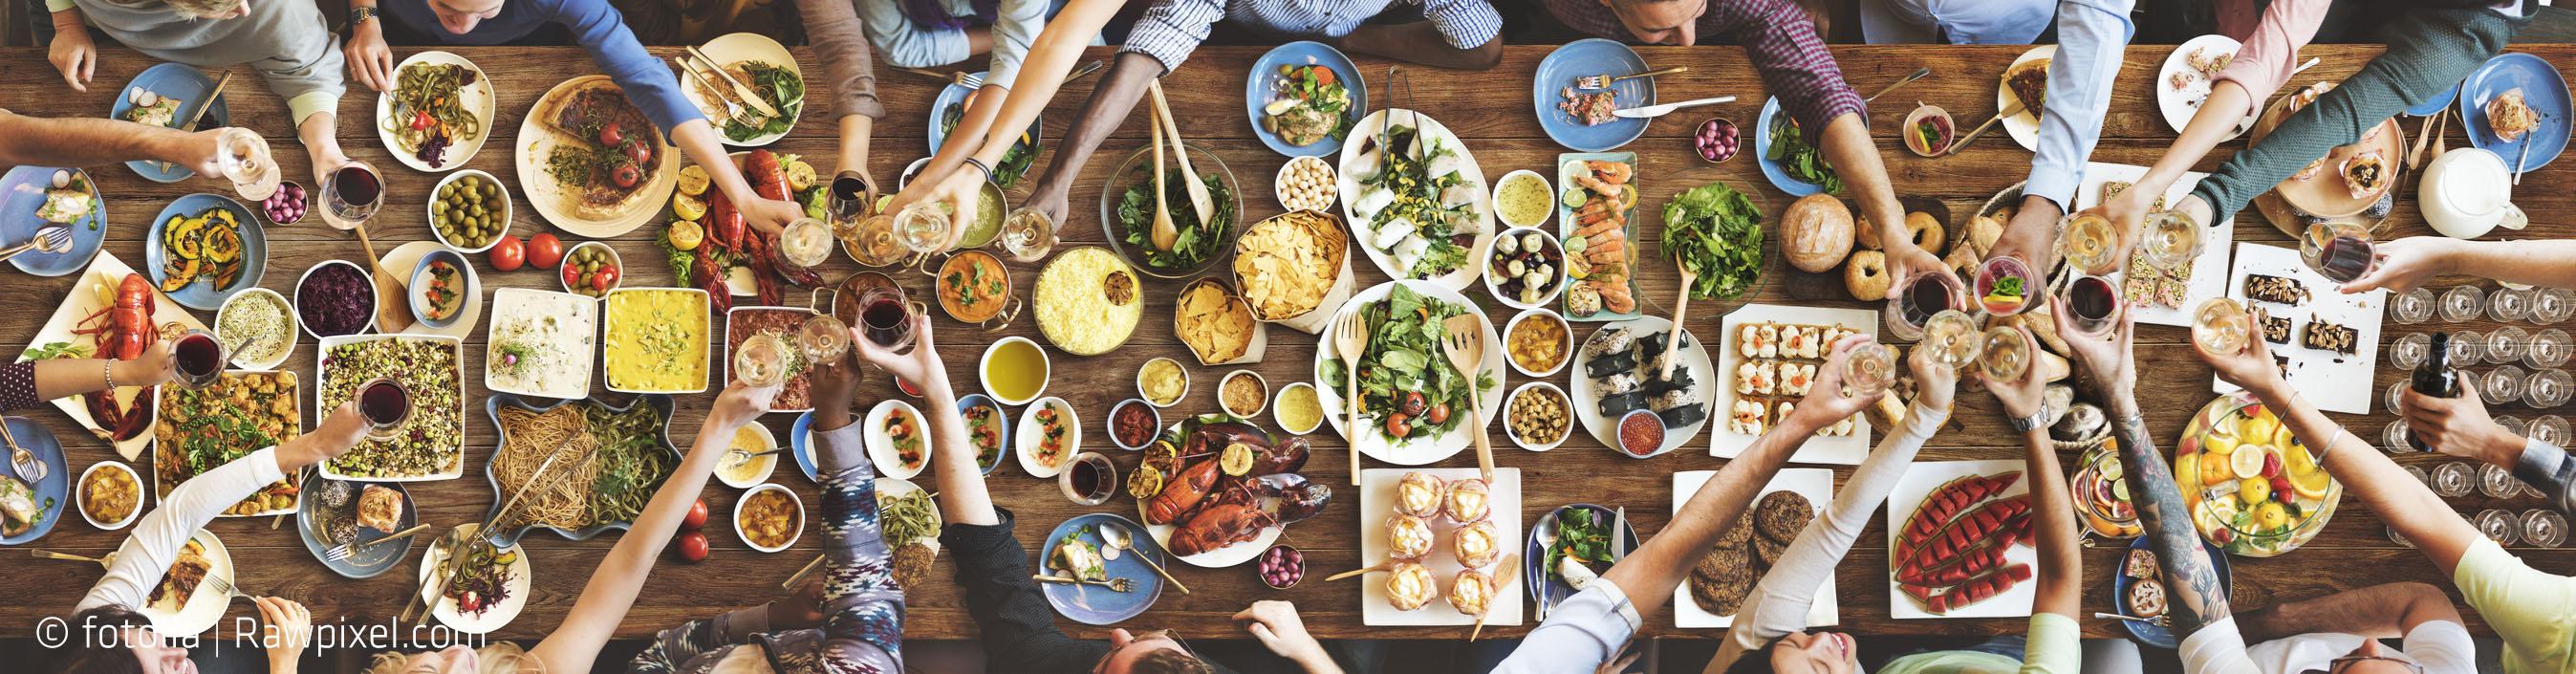 Generation Z und Y Bio: Essen mit Freunden